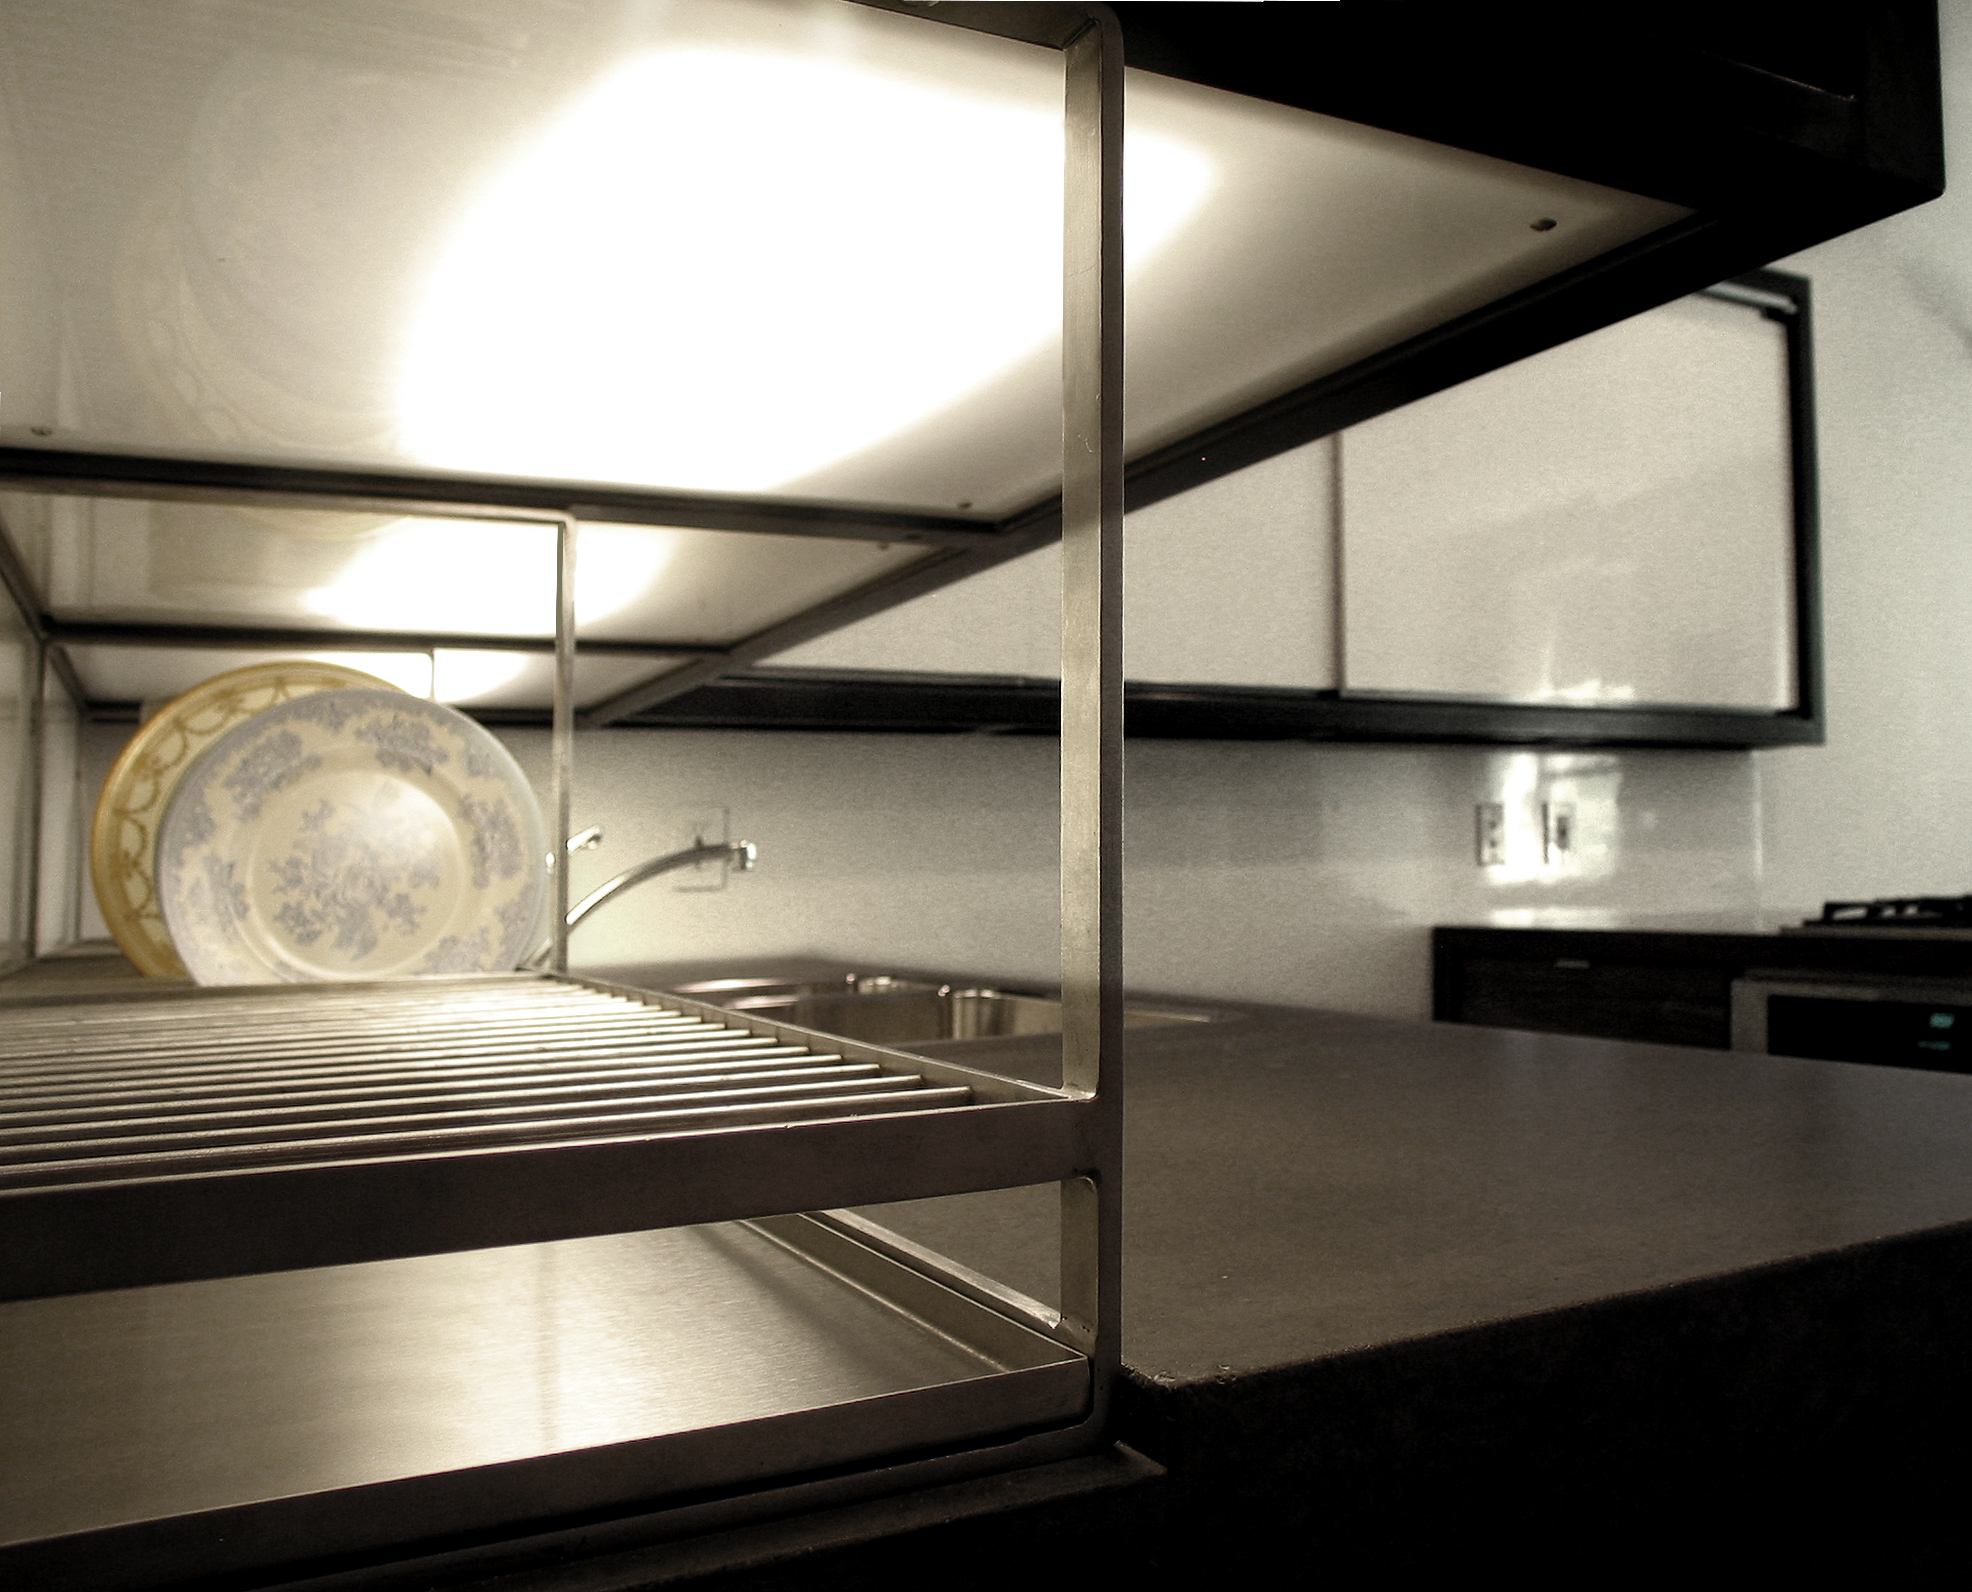 Ian Kitchen_03.jpg